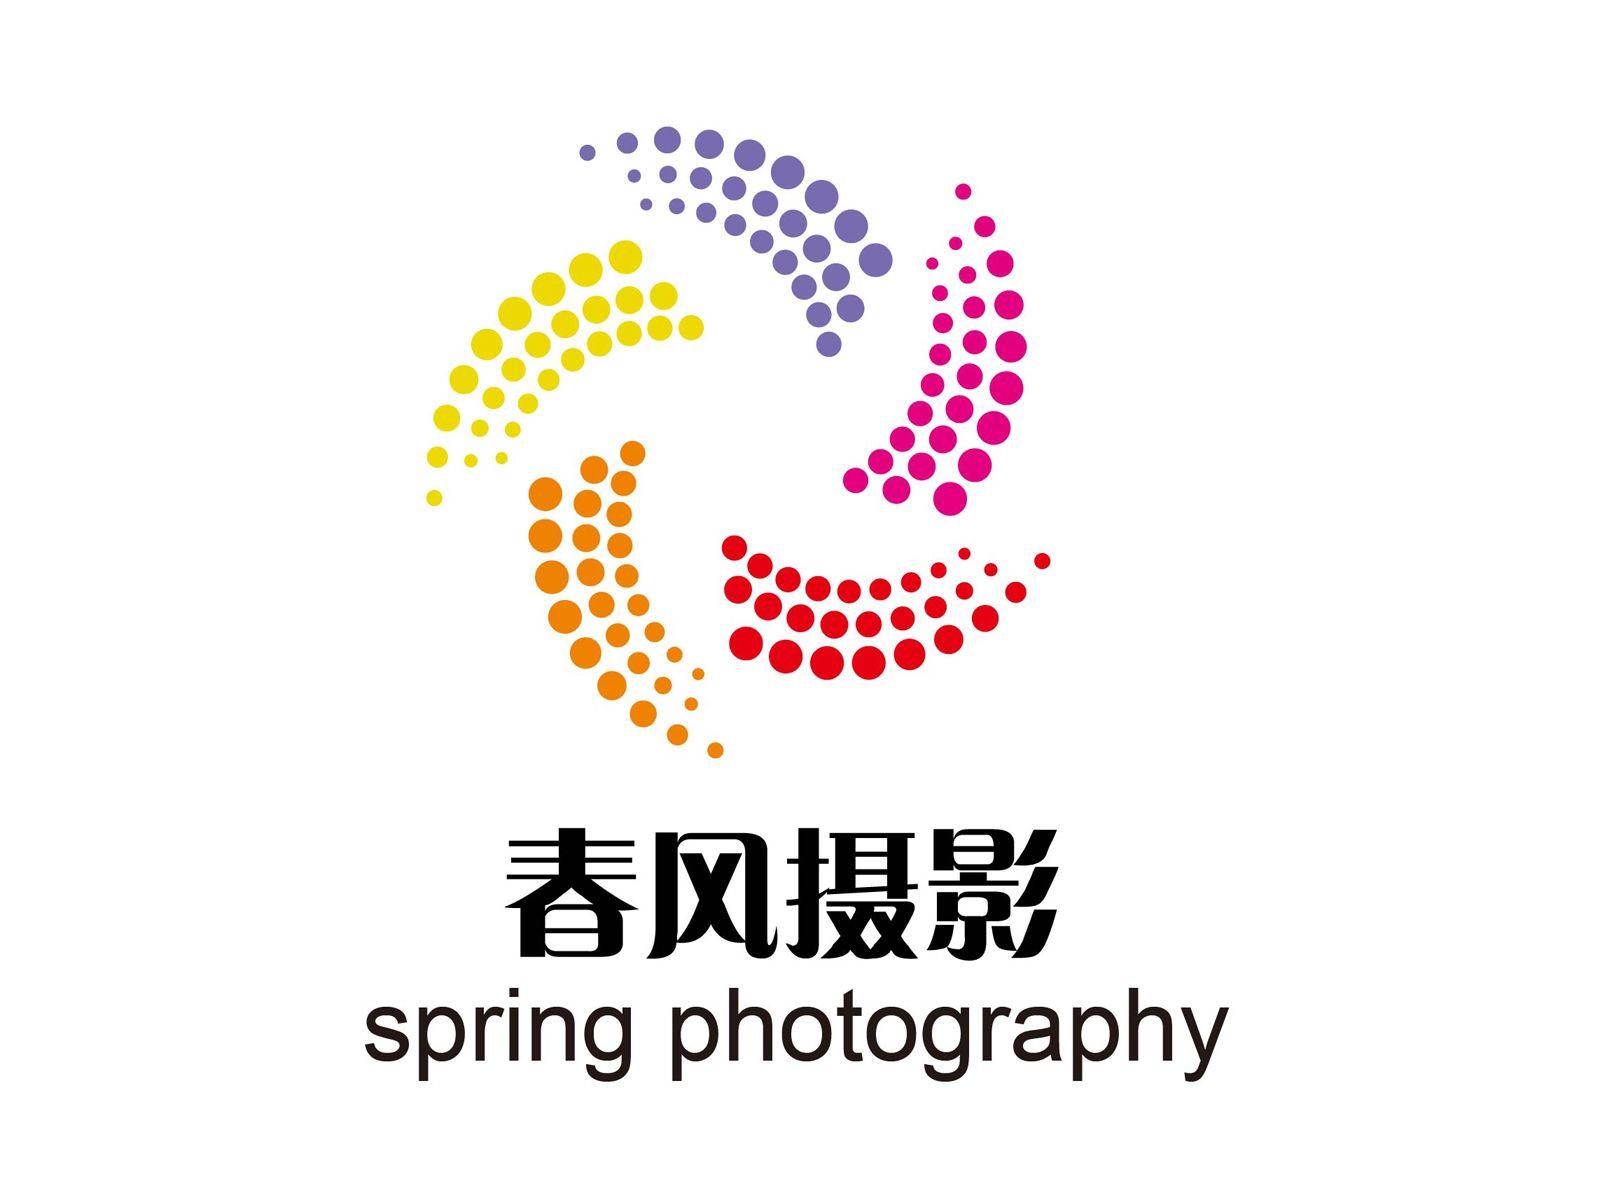 春风摄影工作室